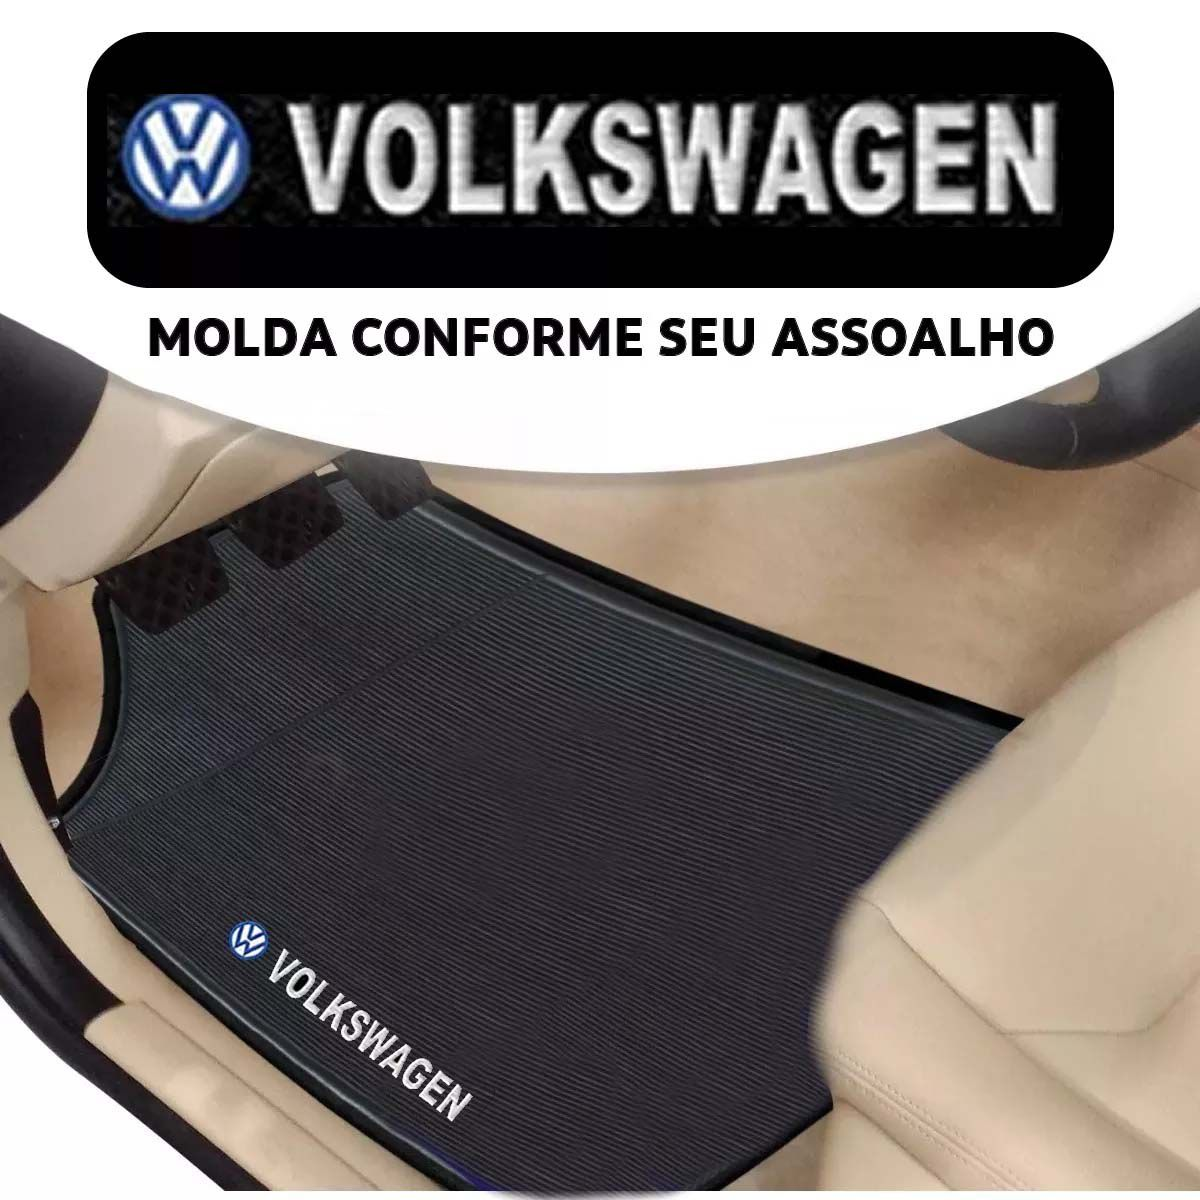 Jogo de Tapete Automotivo para Todos Carros Volkswagen Emborrachado Preto Antiderrapante Impermeável Universal com Logo Bordado e Personalizado Vw